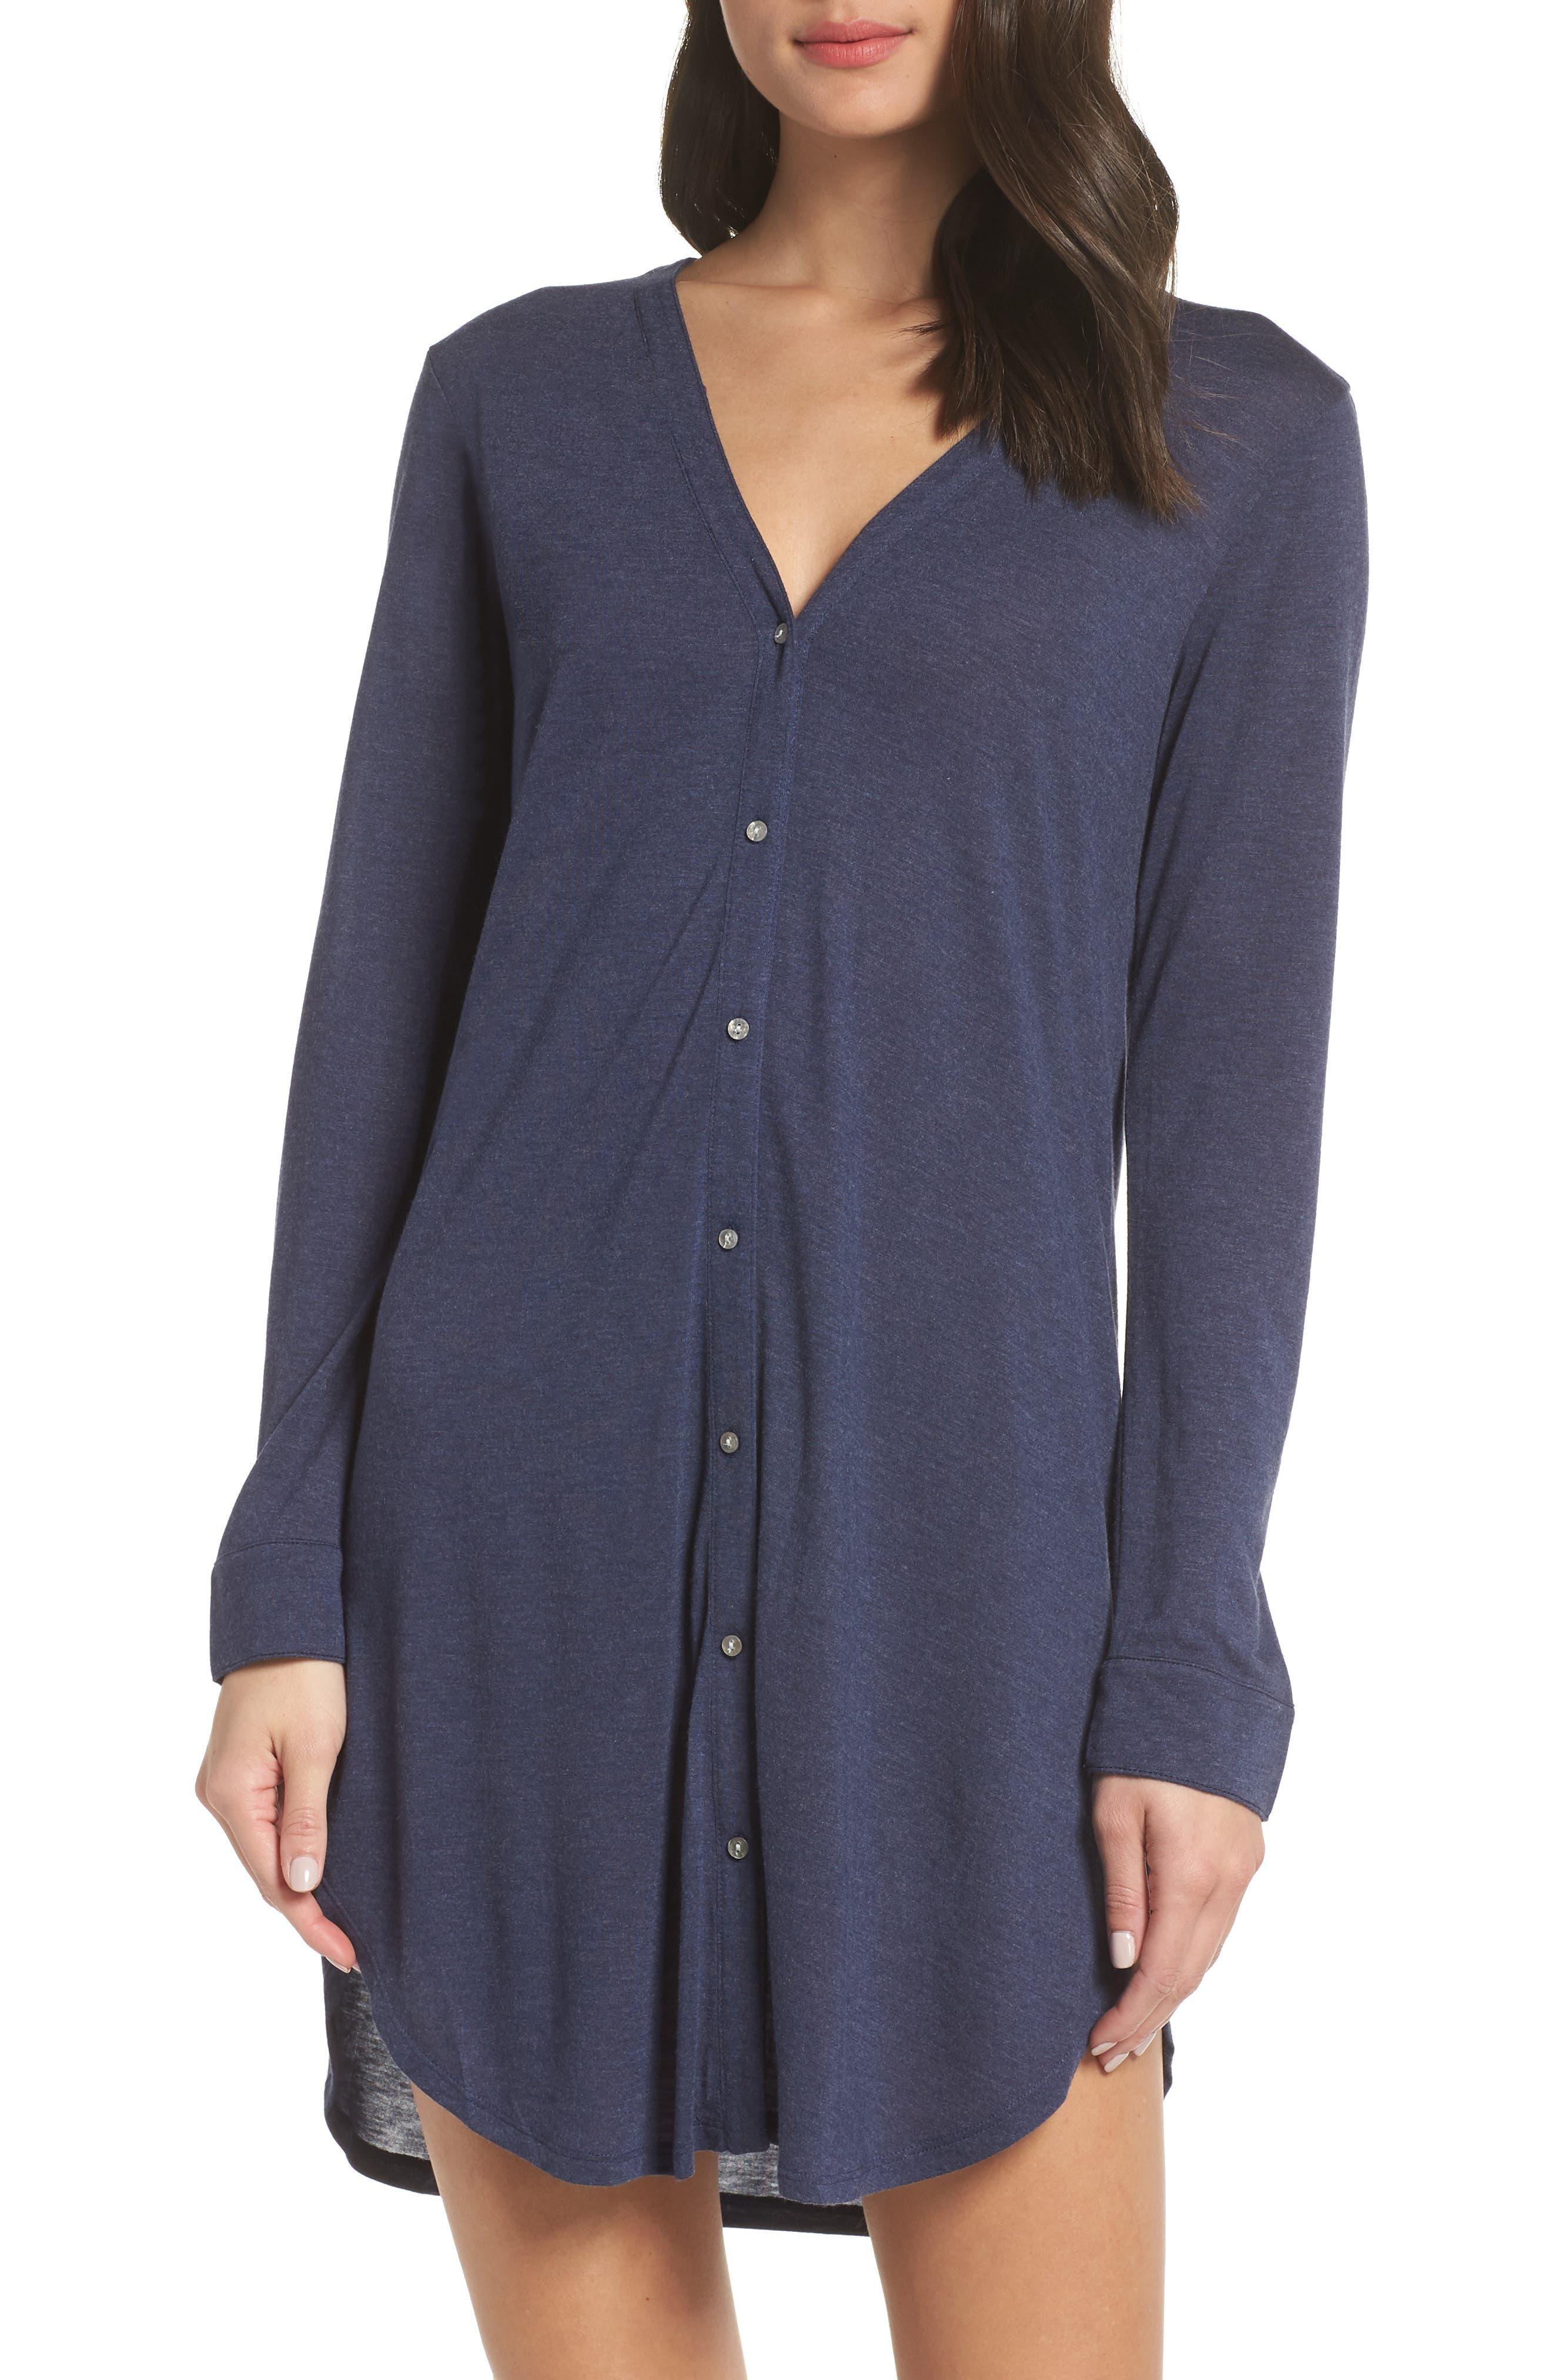 JOSIE Jersey Sleep Shirt in Heather Night Blue